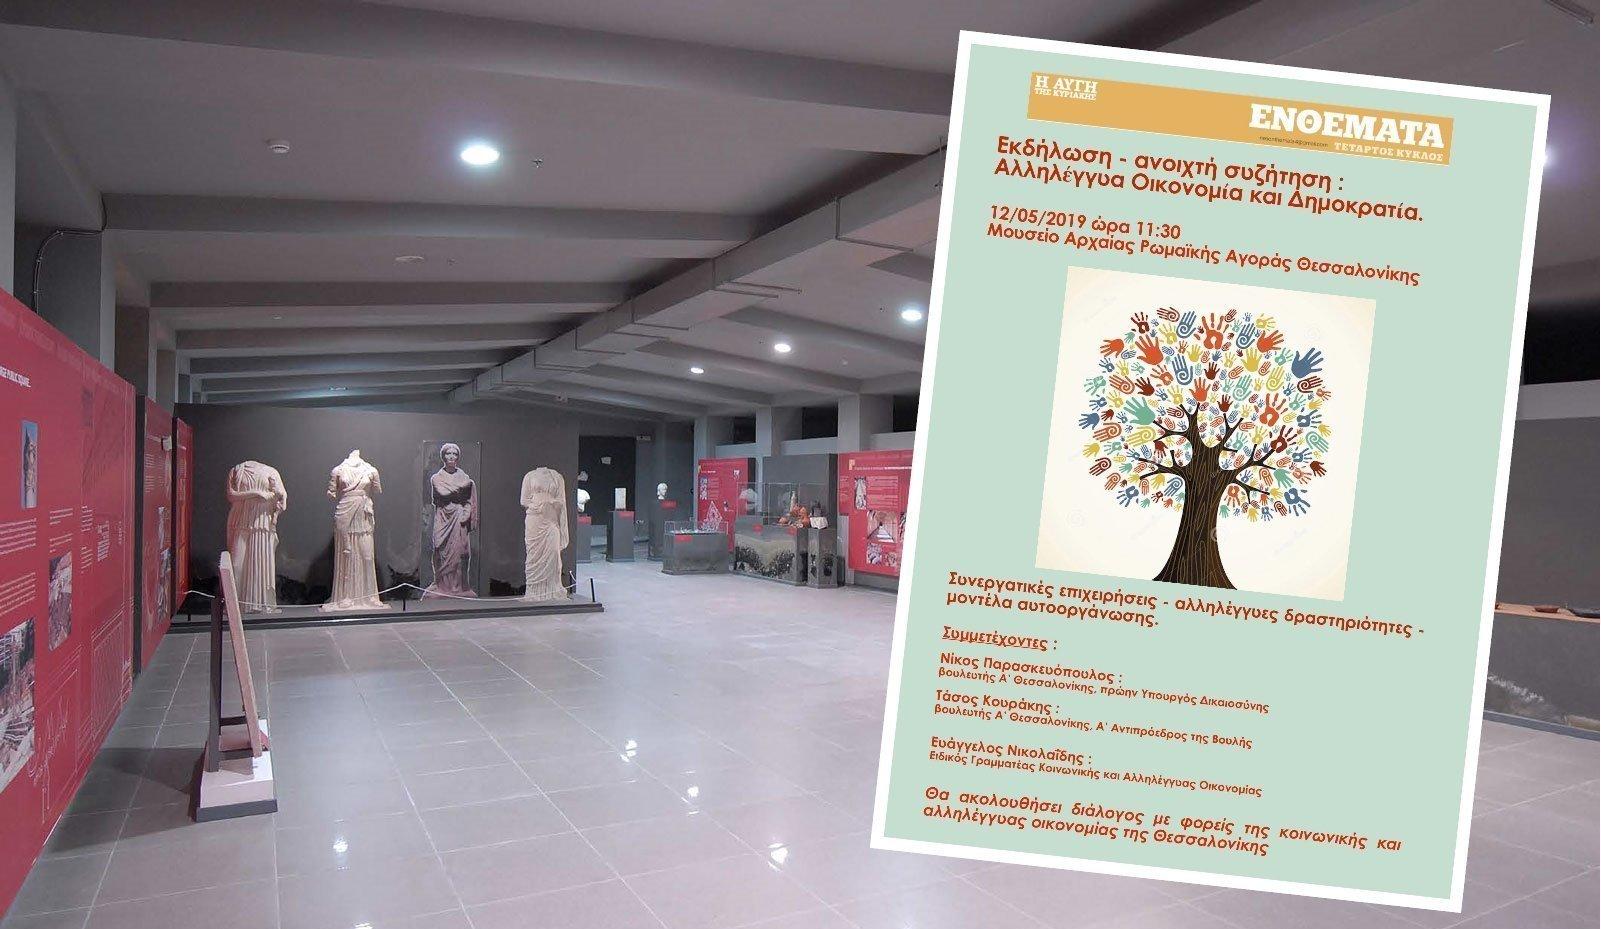 Ανοιχτός διάλογος στην Θεσσαλονίκη για την αλληλέγγυα οικονομία